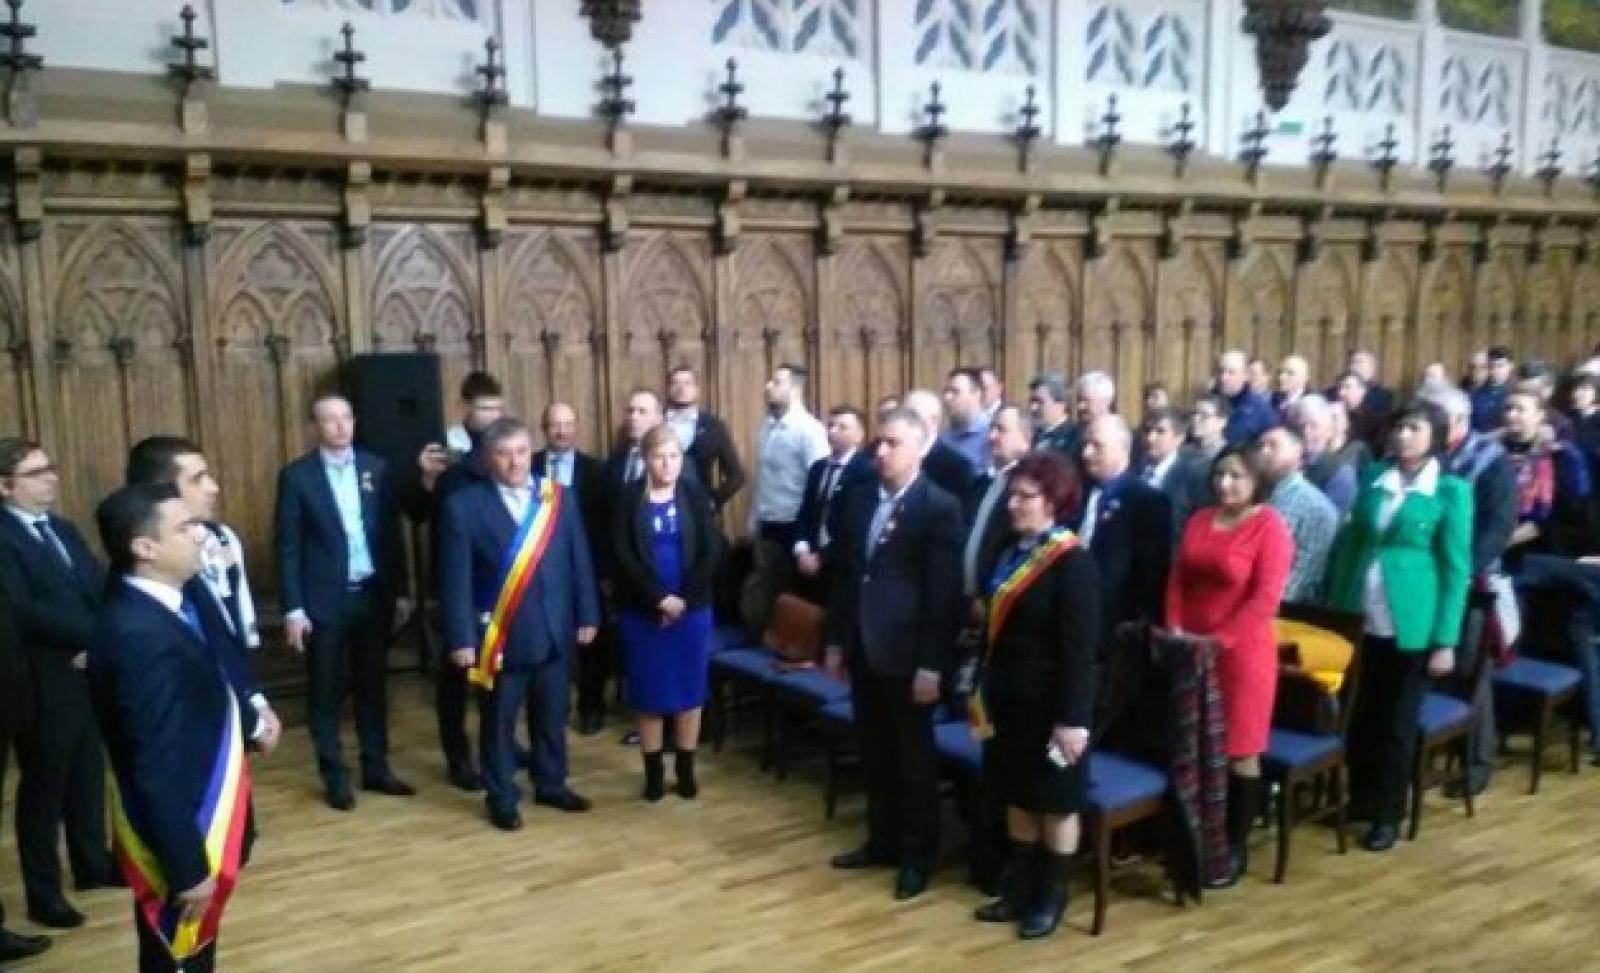 (foto/video) Peste 100 de primari din Moldova şi România semnează la Iaşi o declaraţie de Unire